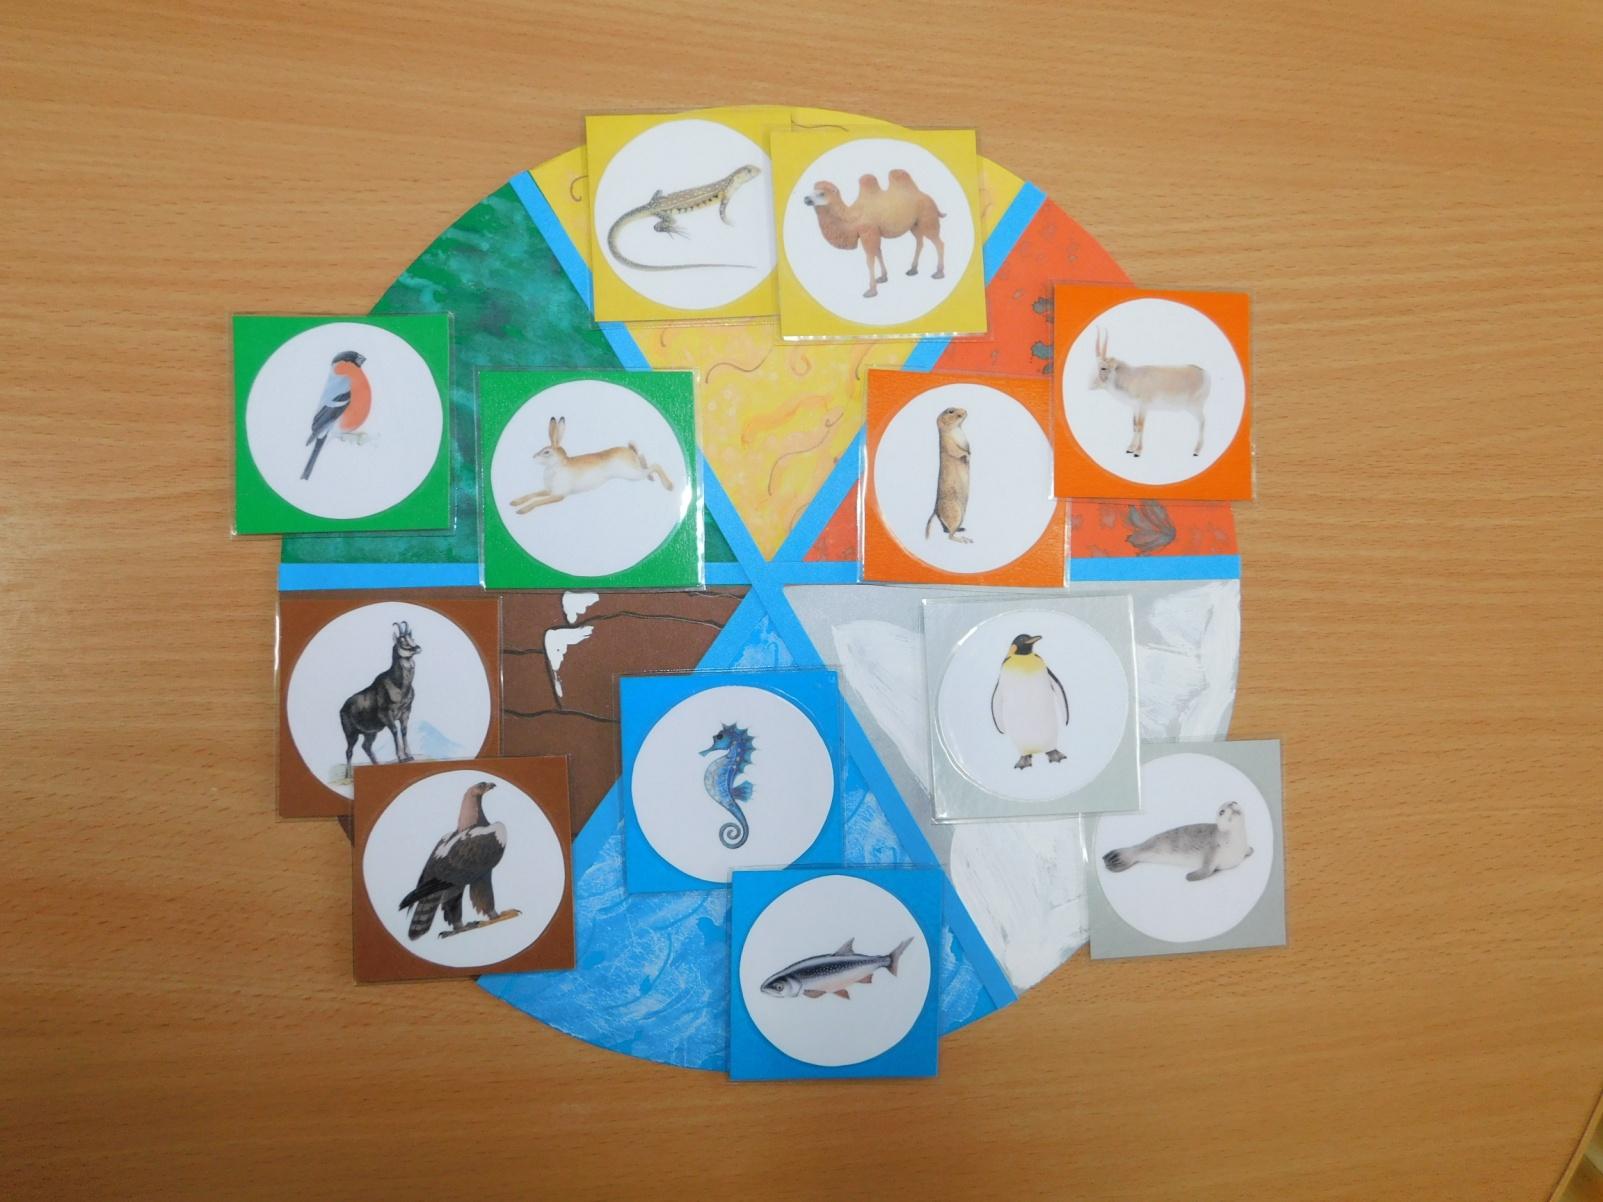 Мастер-класс по изготовлению дидактического пособия для детей